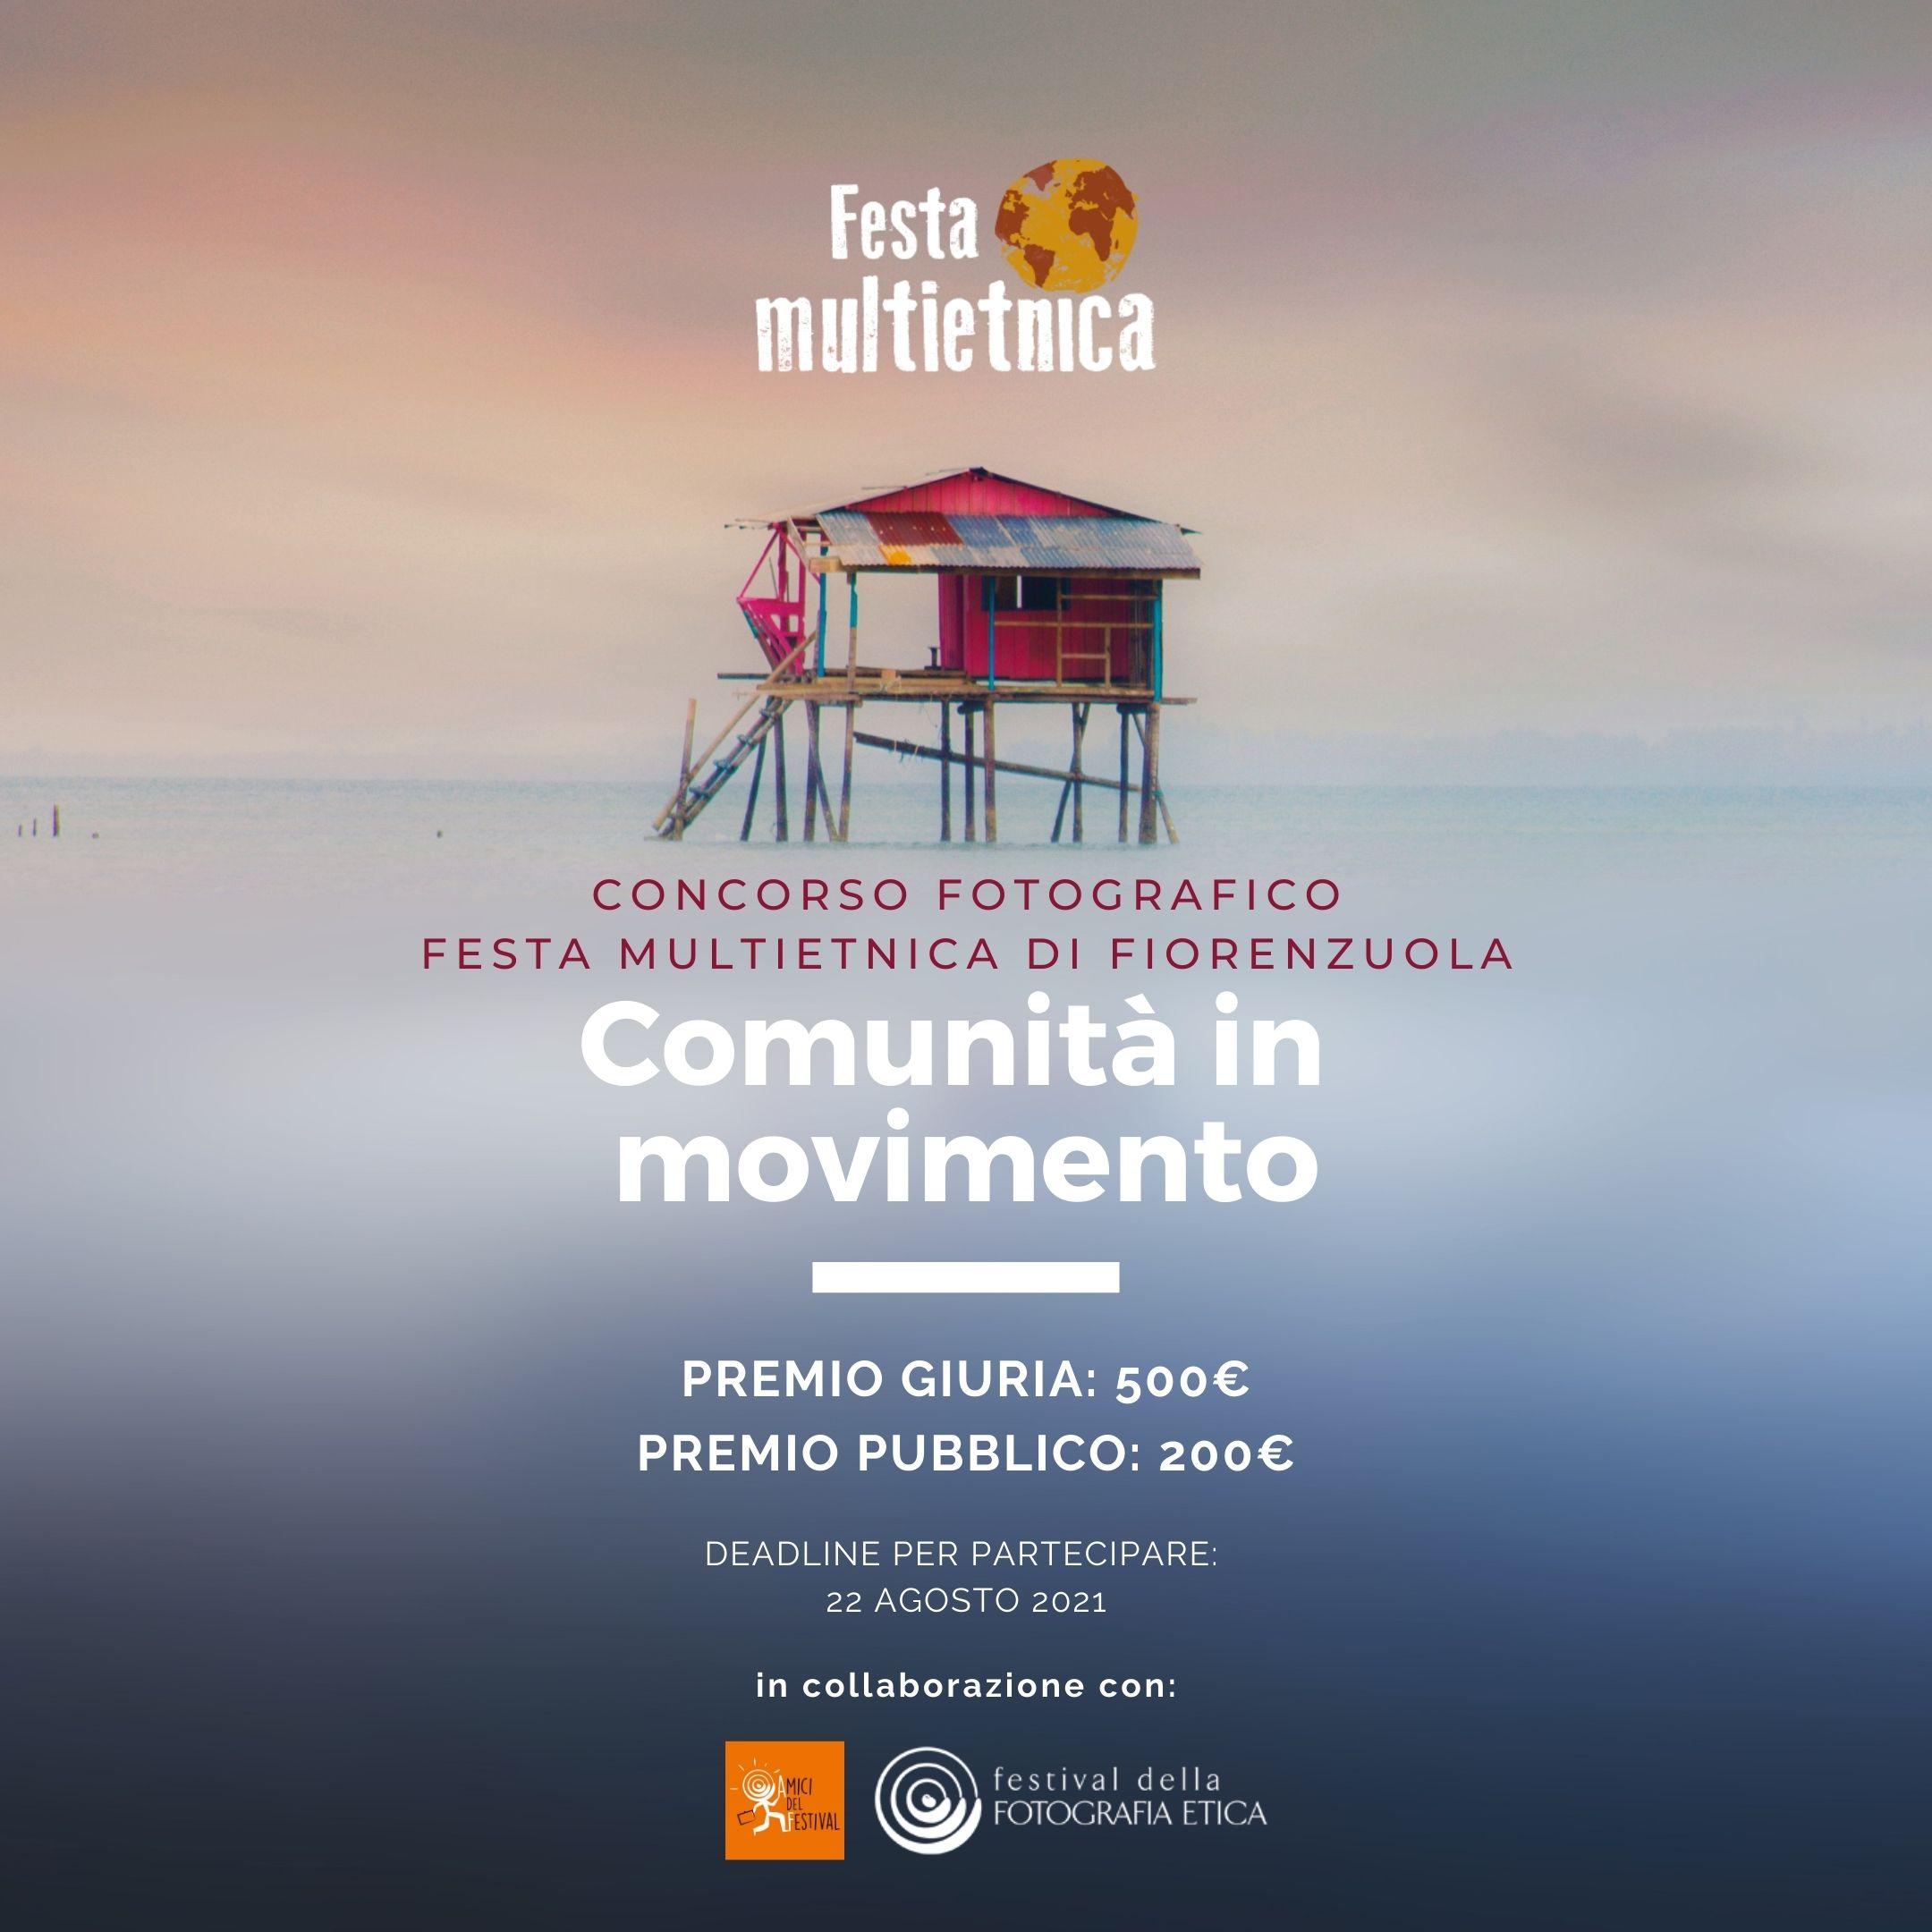 Comunità in movimento – Concorso fotografico